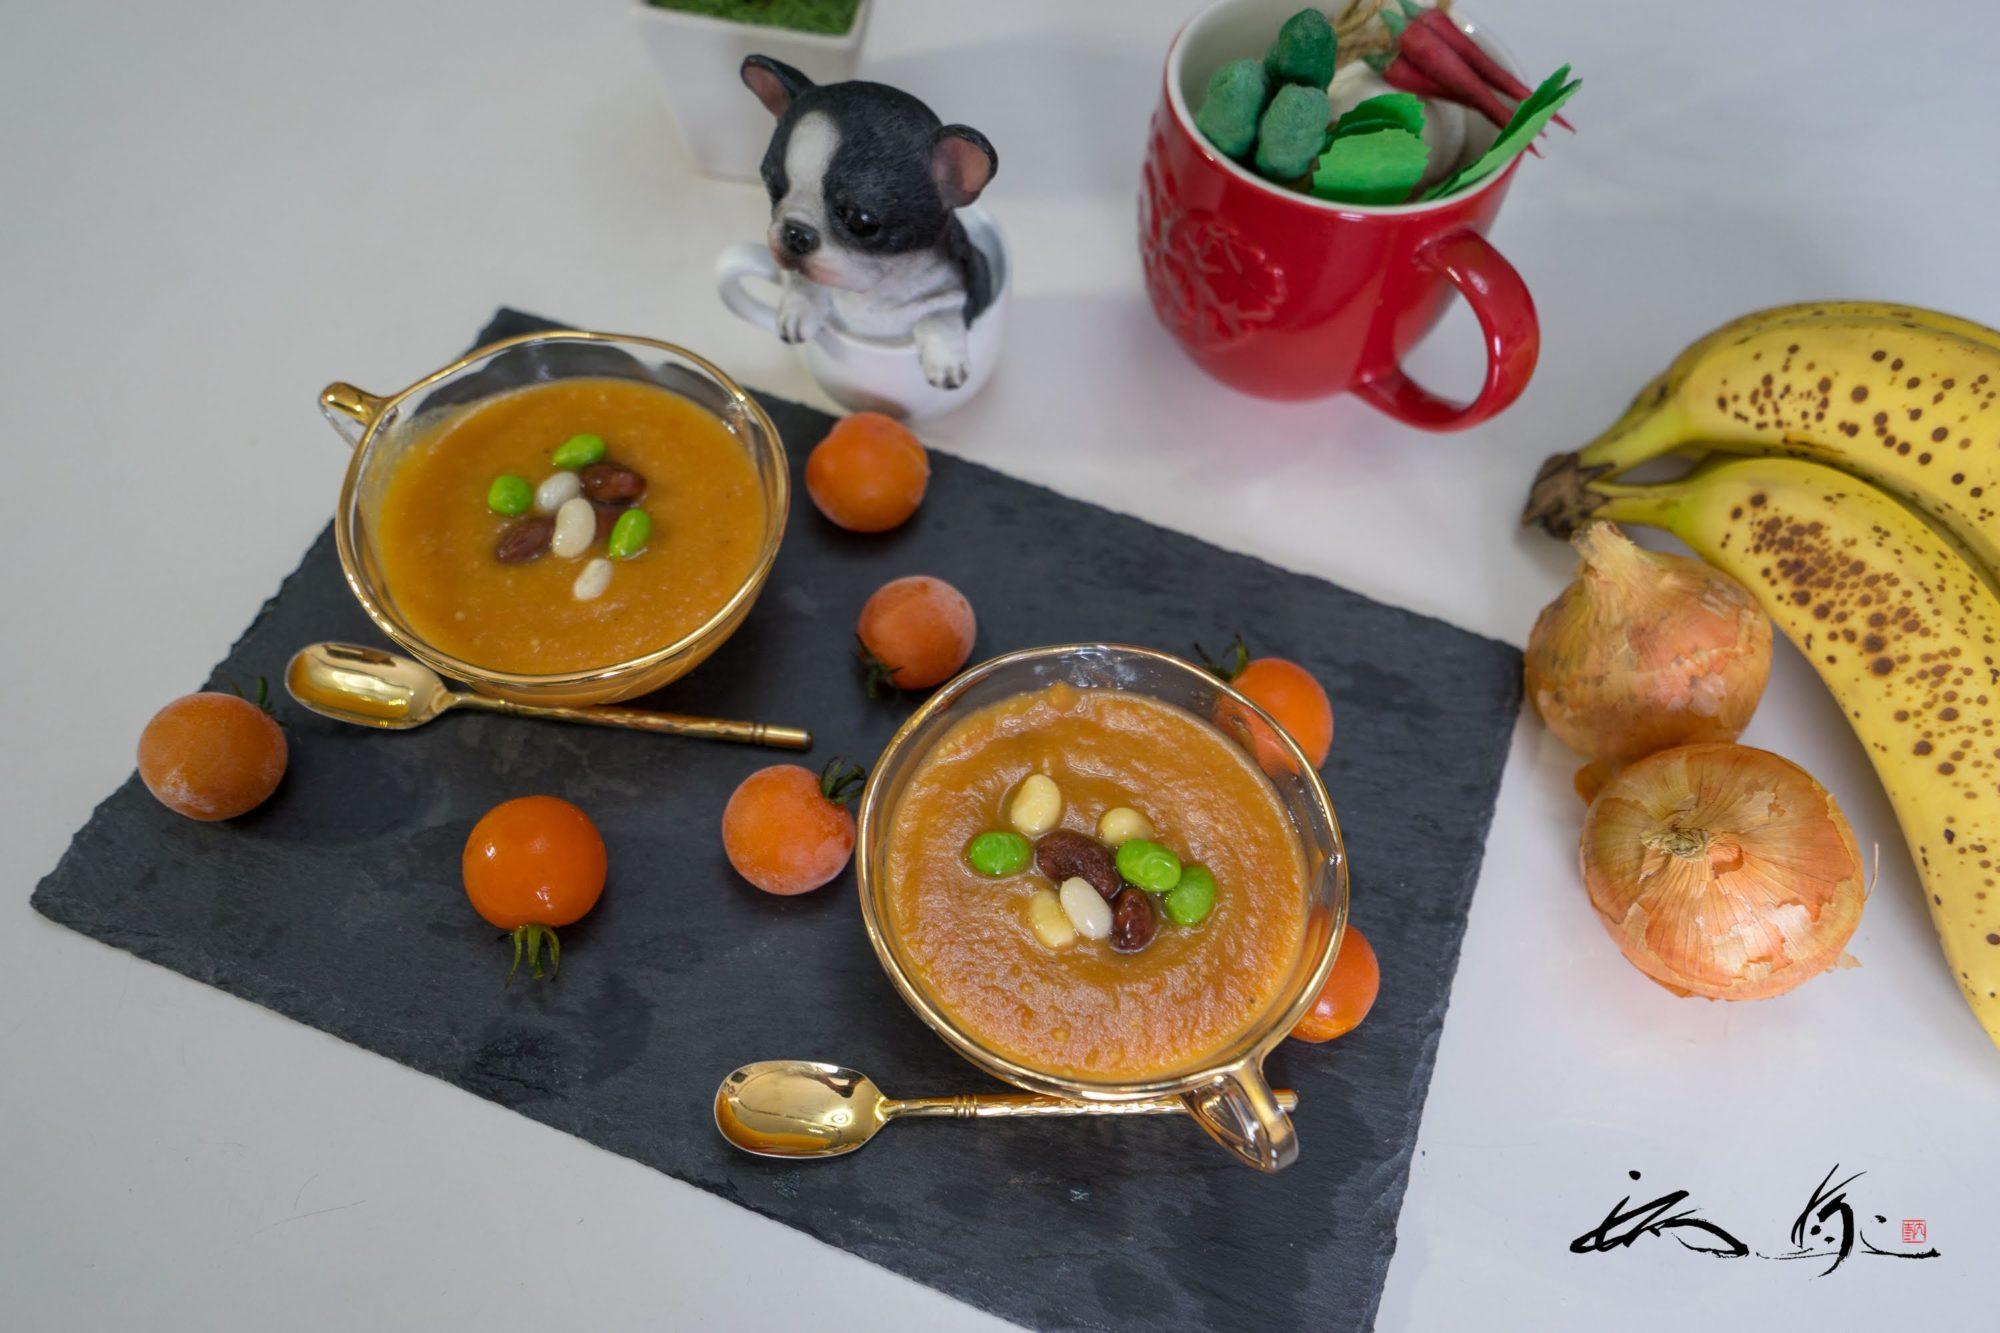 腸活!野菜スープ(3)トマトスープ:食事編(17)腸内フローラバランス